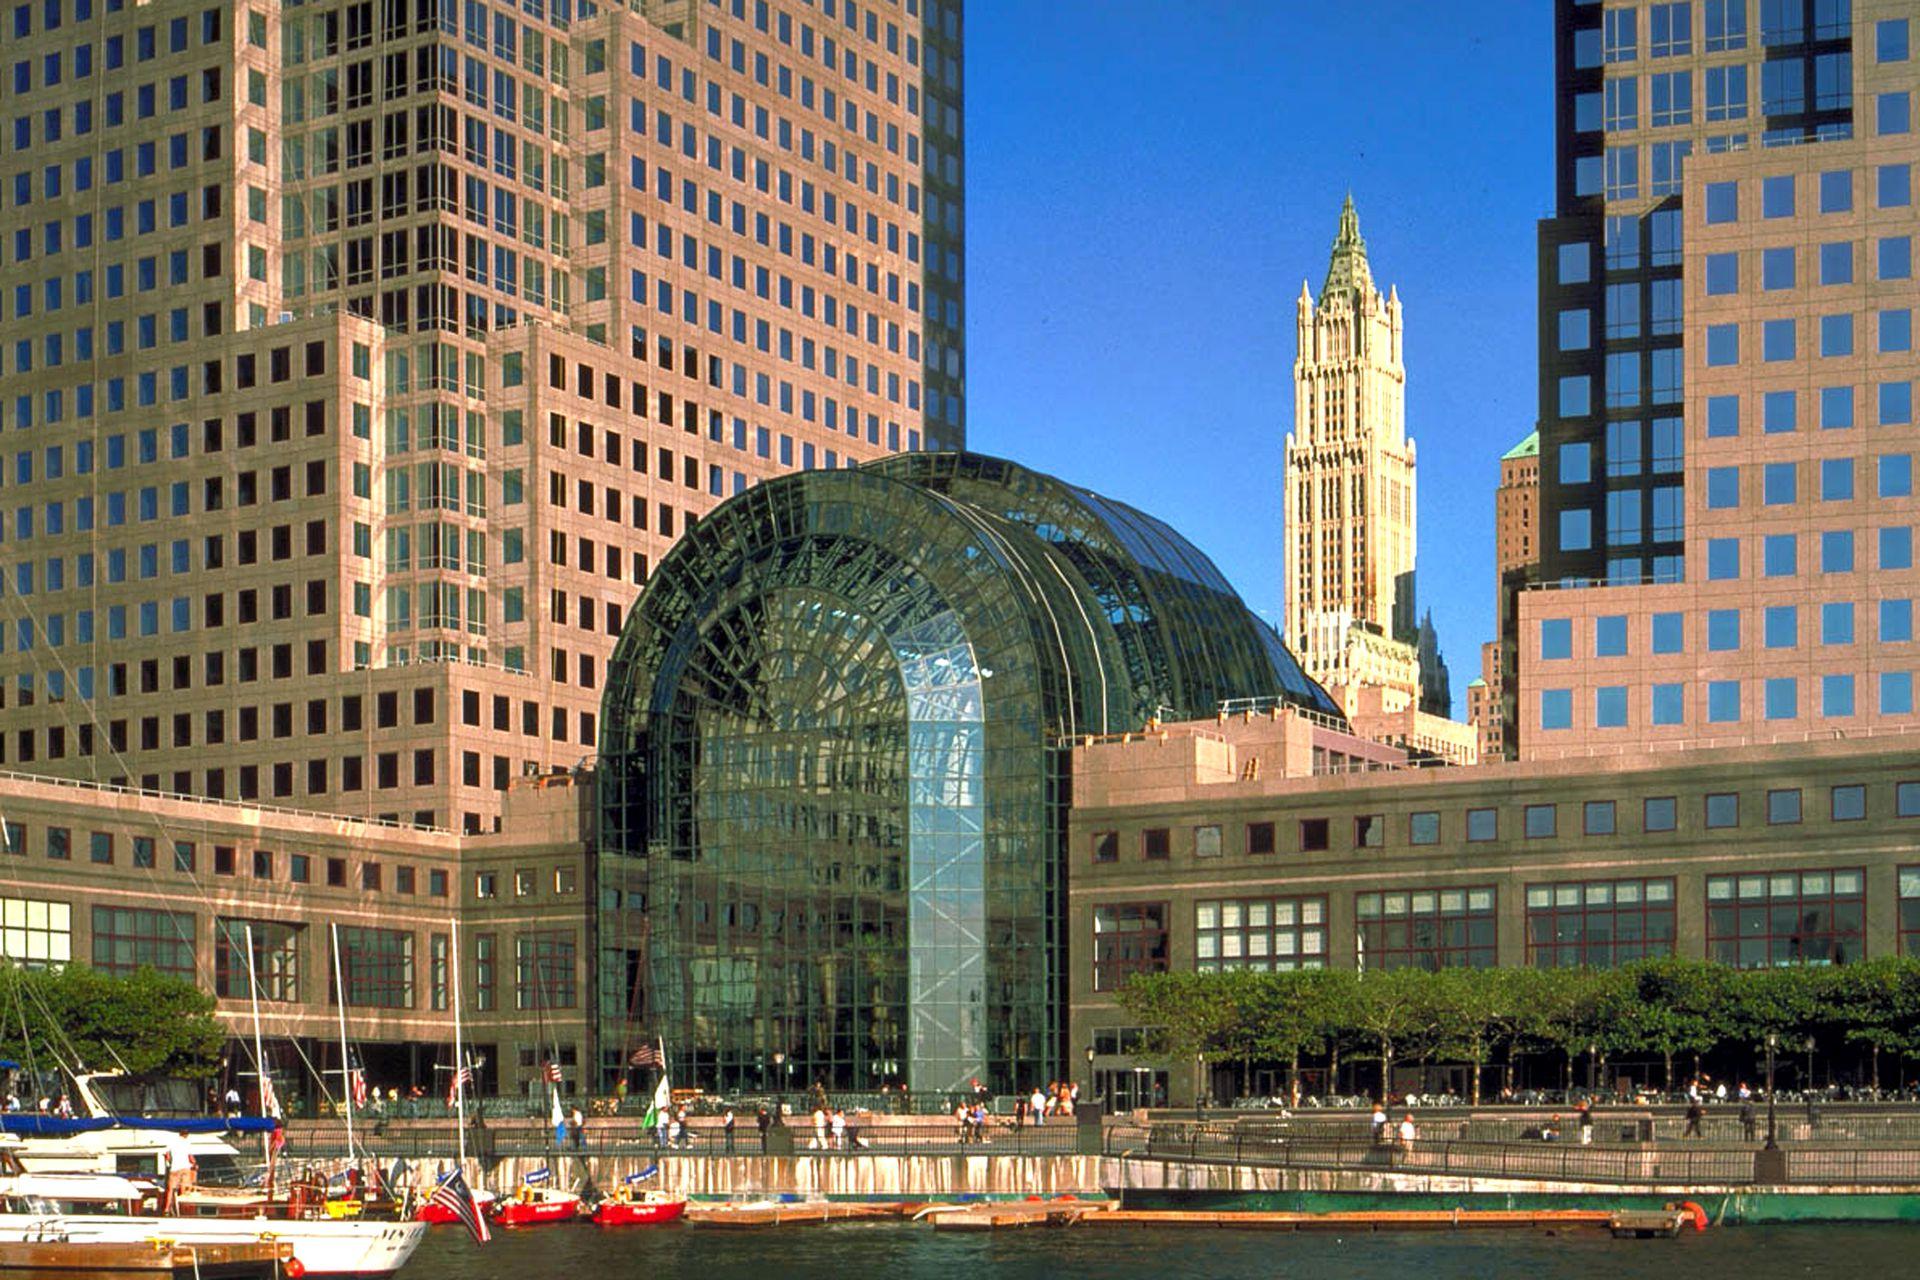 Imagen externa de uno de los cuatro edificios del conjunto